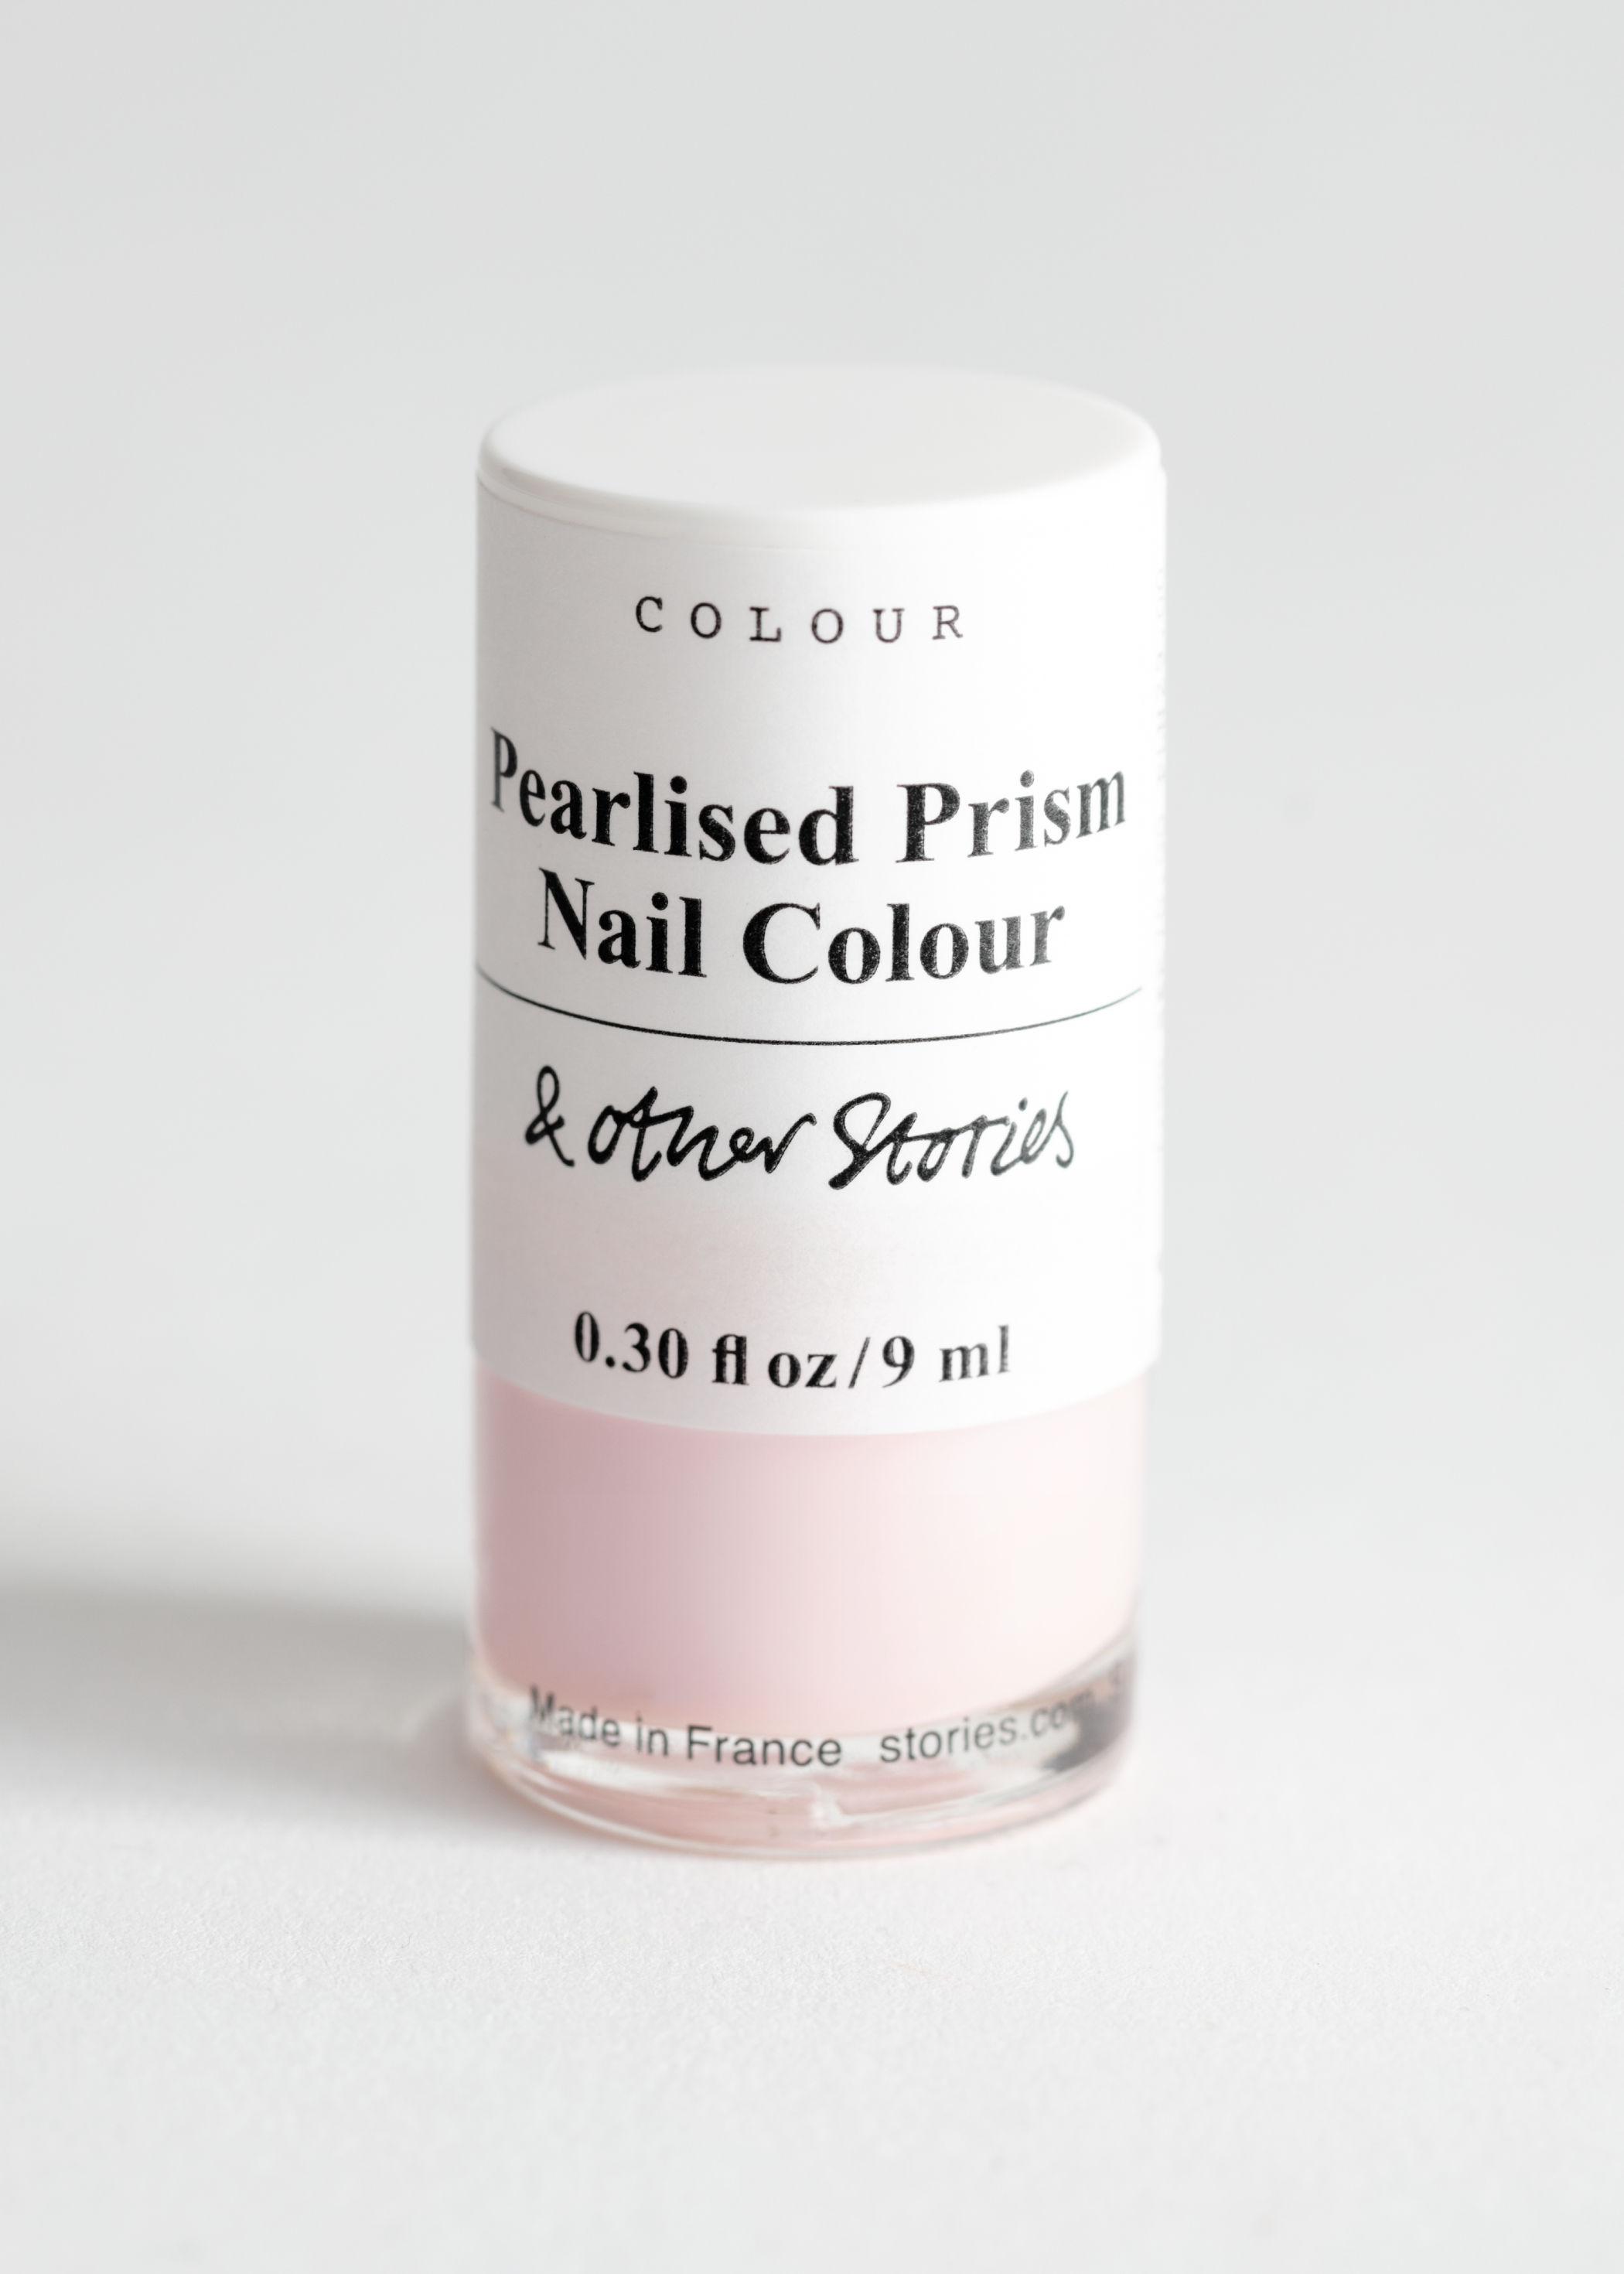 앤 아더 스토리즈 '펄리쉬드 프리즘' 네일 폴리시 매니큐어 (9ml) & OTHER STORIES Pearlised Prism Nail Polish